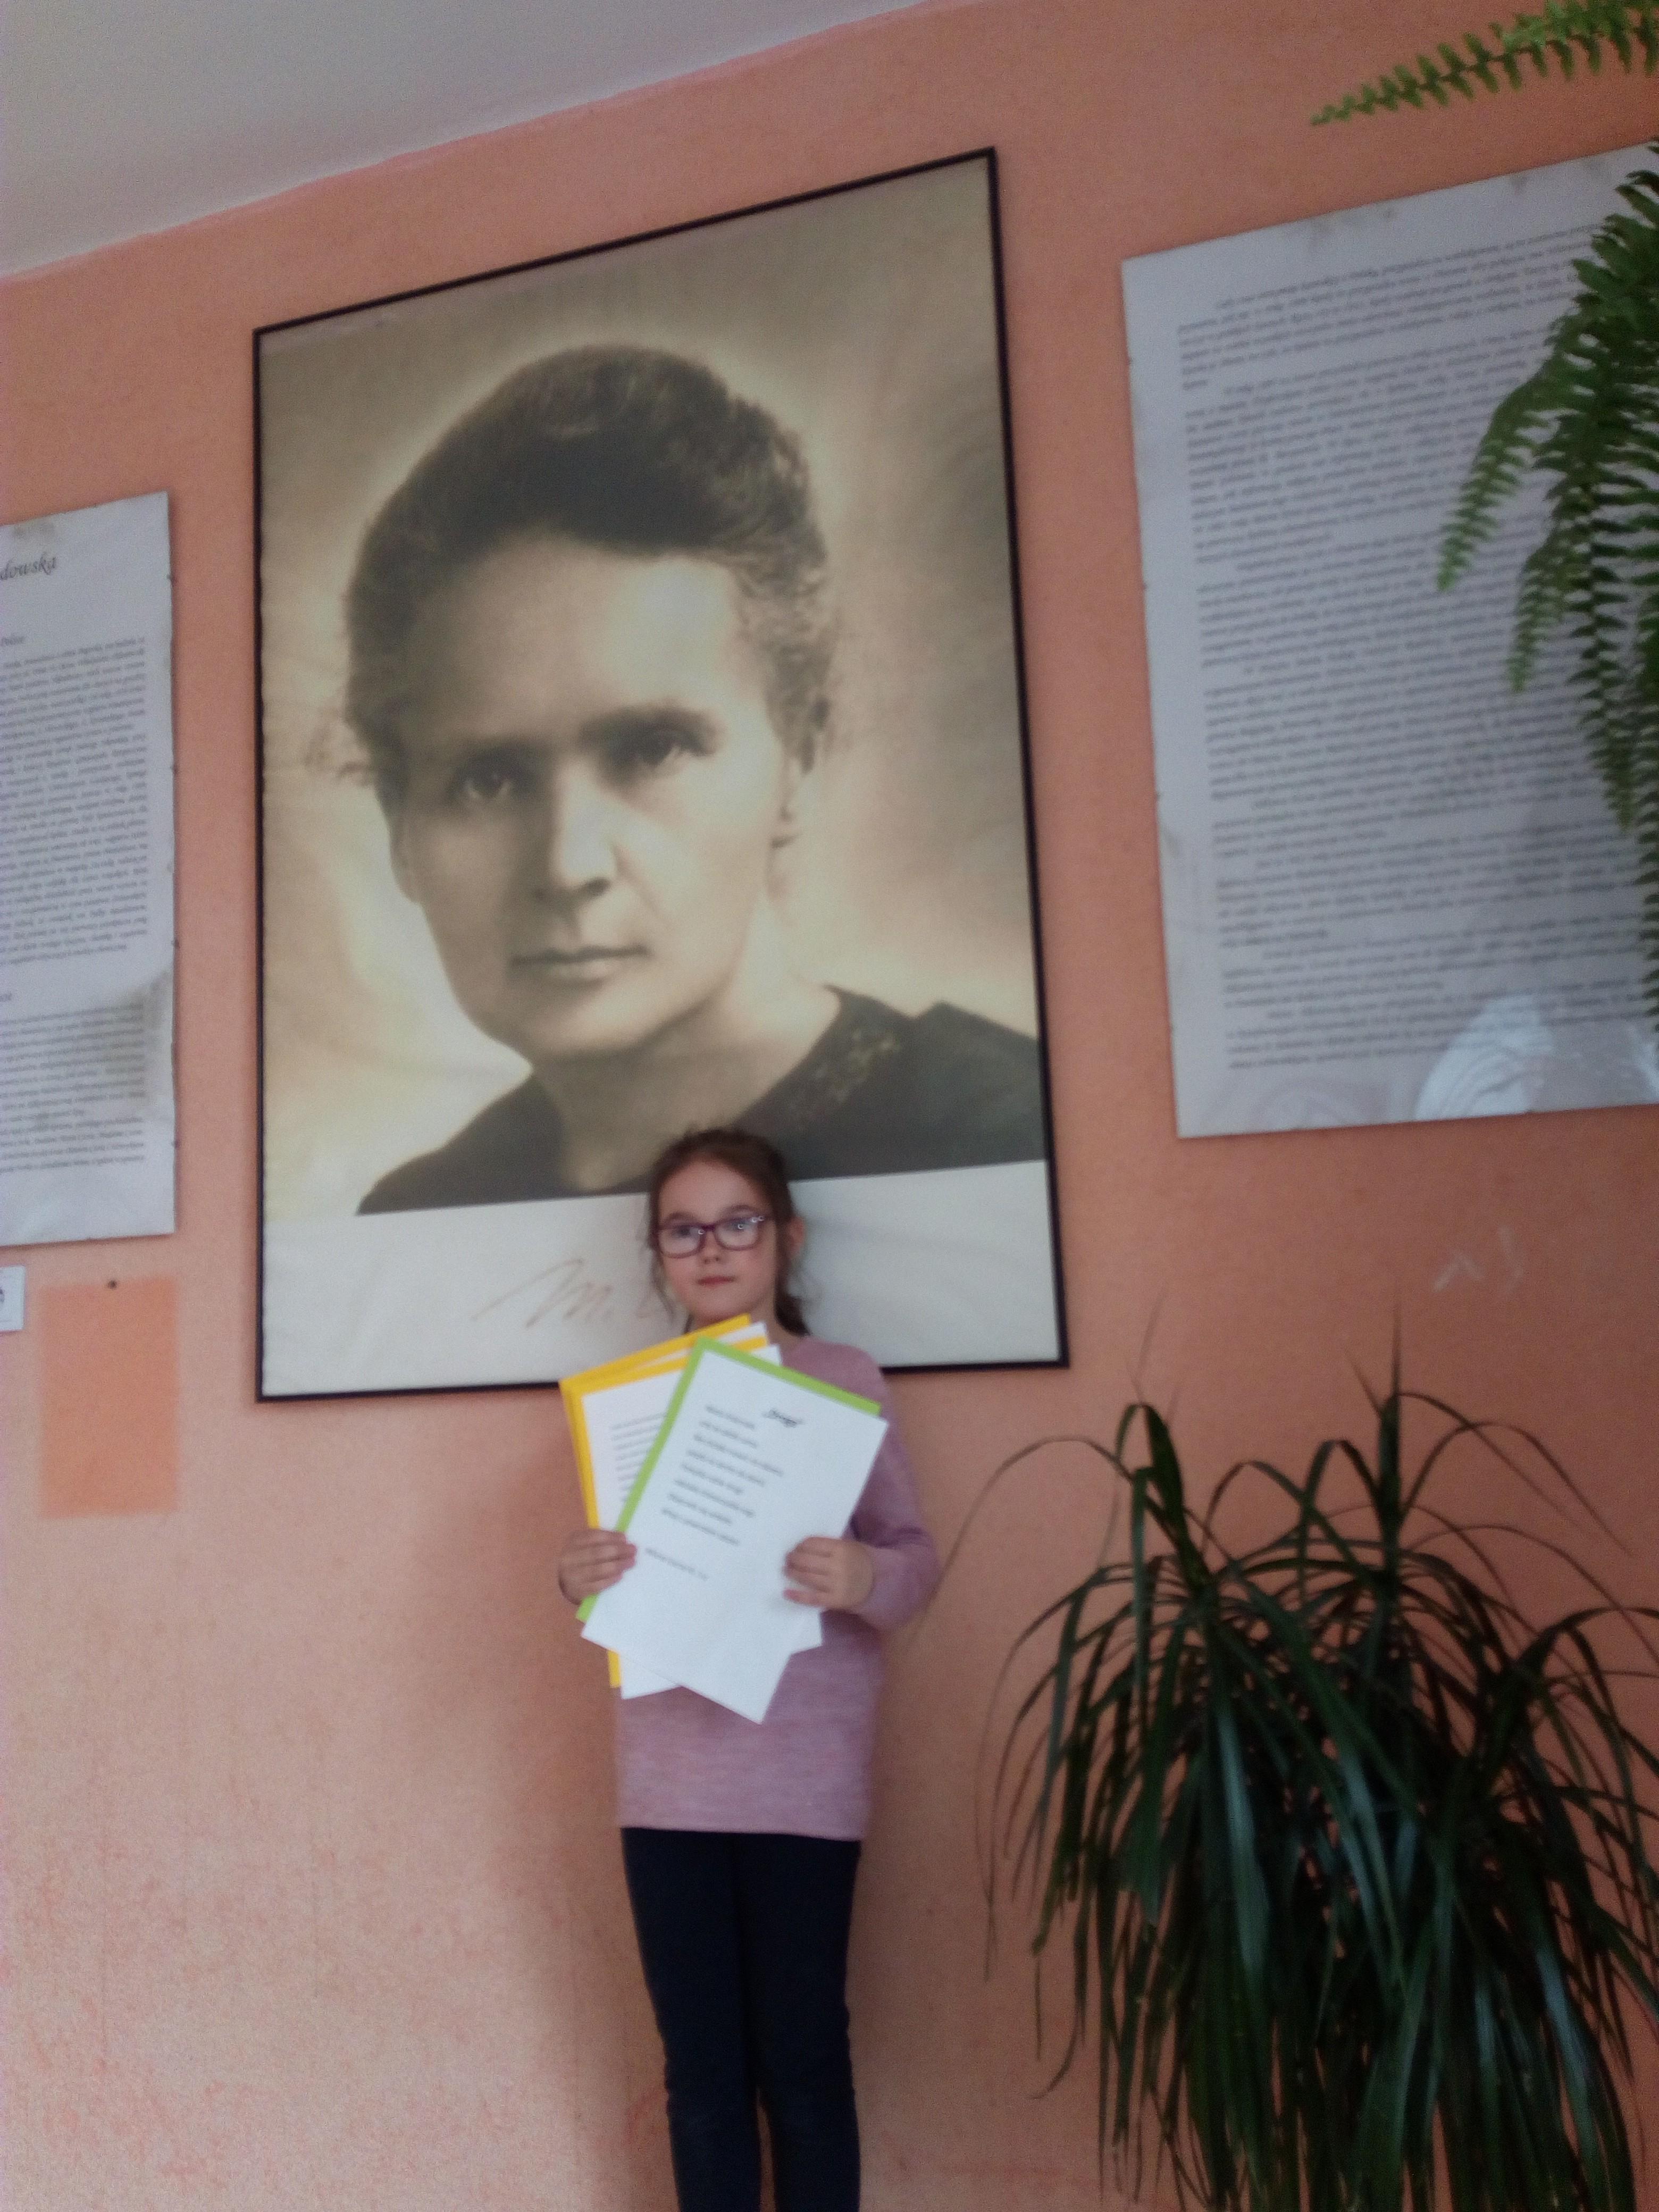 Uczennica klasy 3 Szkoły Podstawowej w Kasinie Wielkiej, Milena Łacna, otrzymała wyróżnienie w XXXIV Międzynarodowym Konkursie Literackiej Twórczości Dzieci i Młodzieży